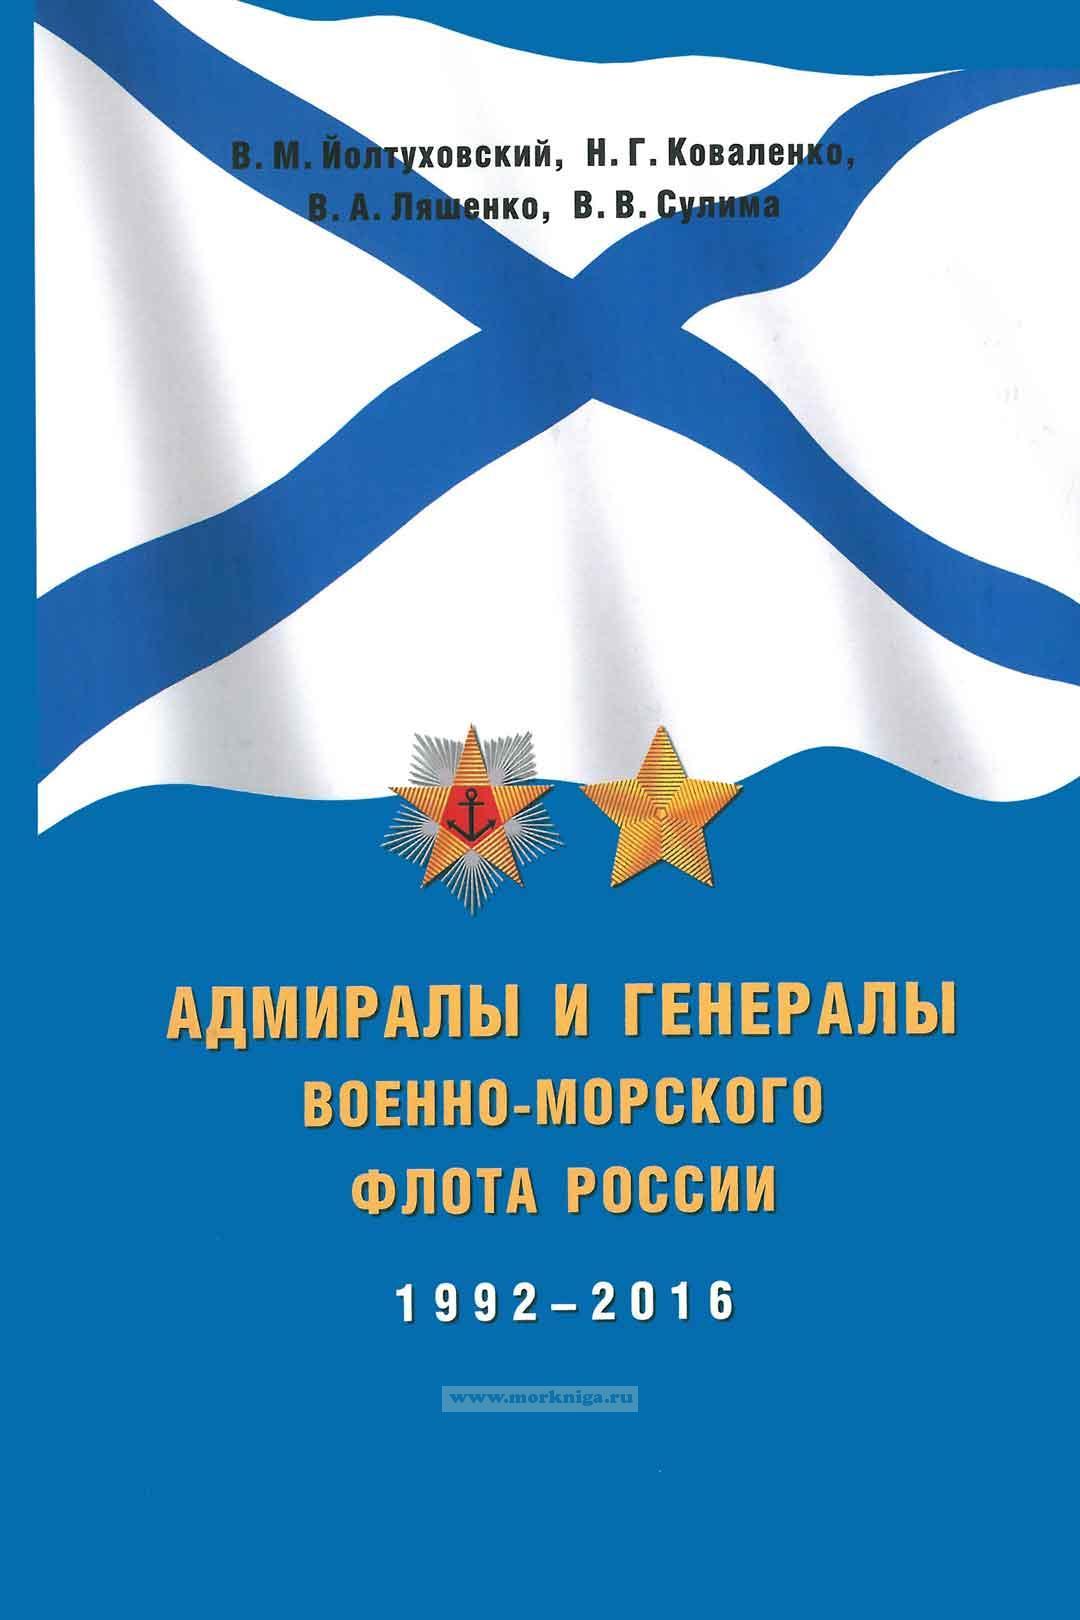 Адмиралы и генералы Военно-морского флота России 1992-2016. Биографический справочник